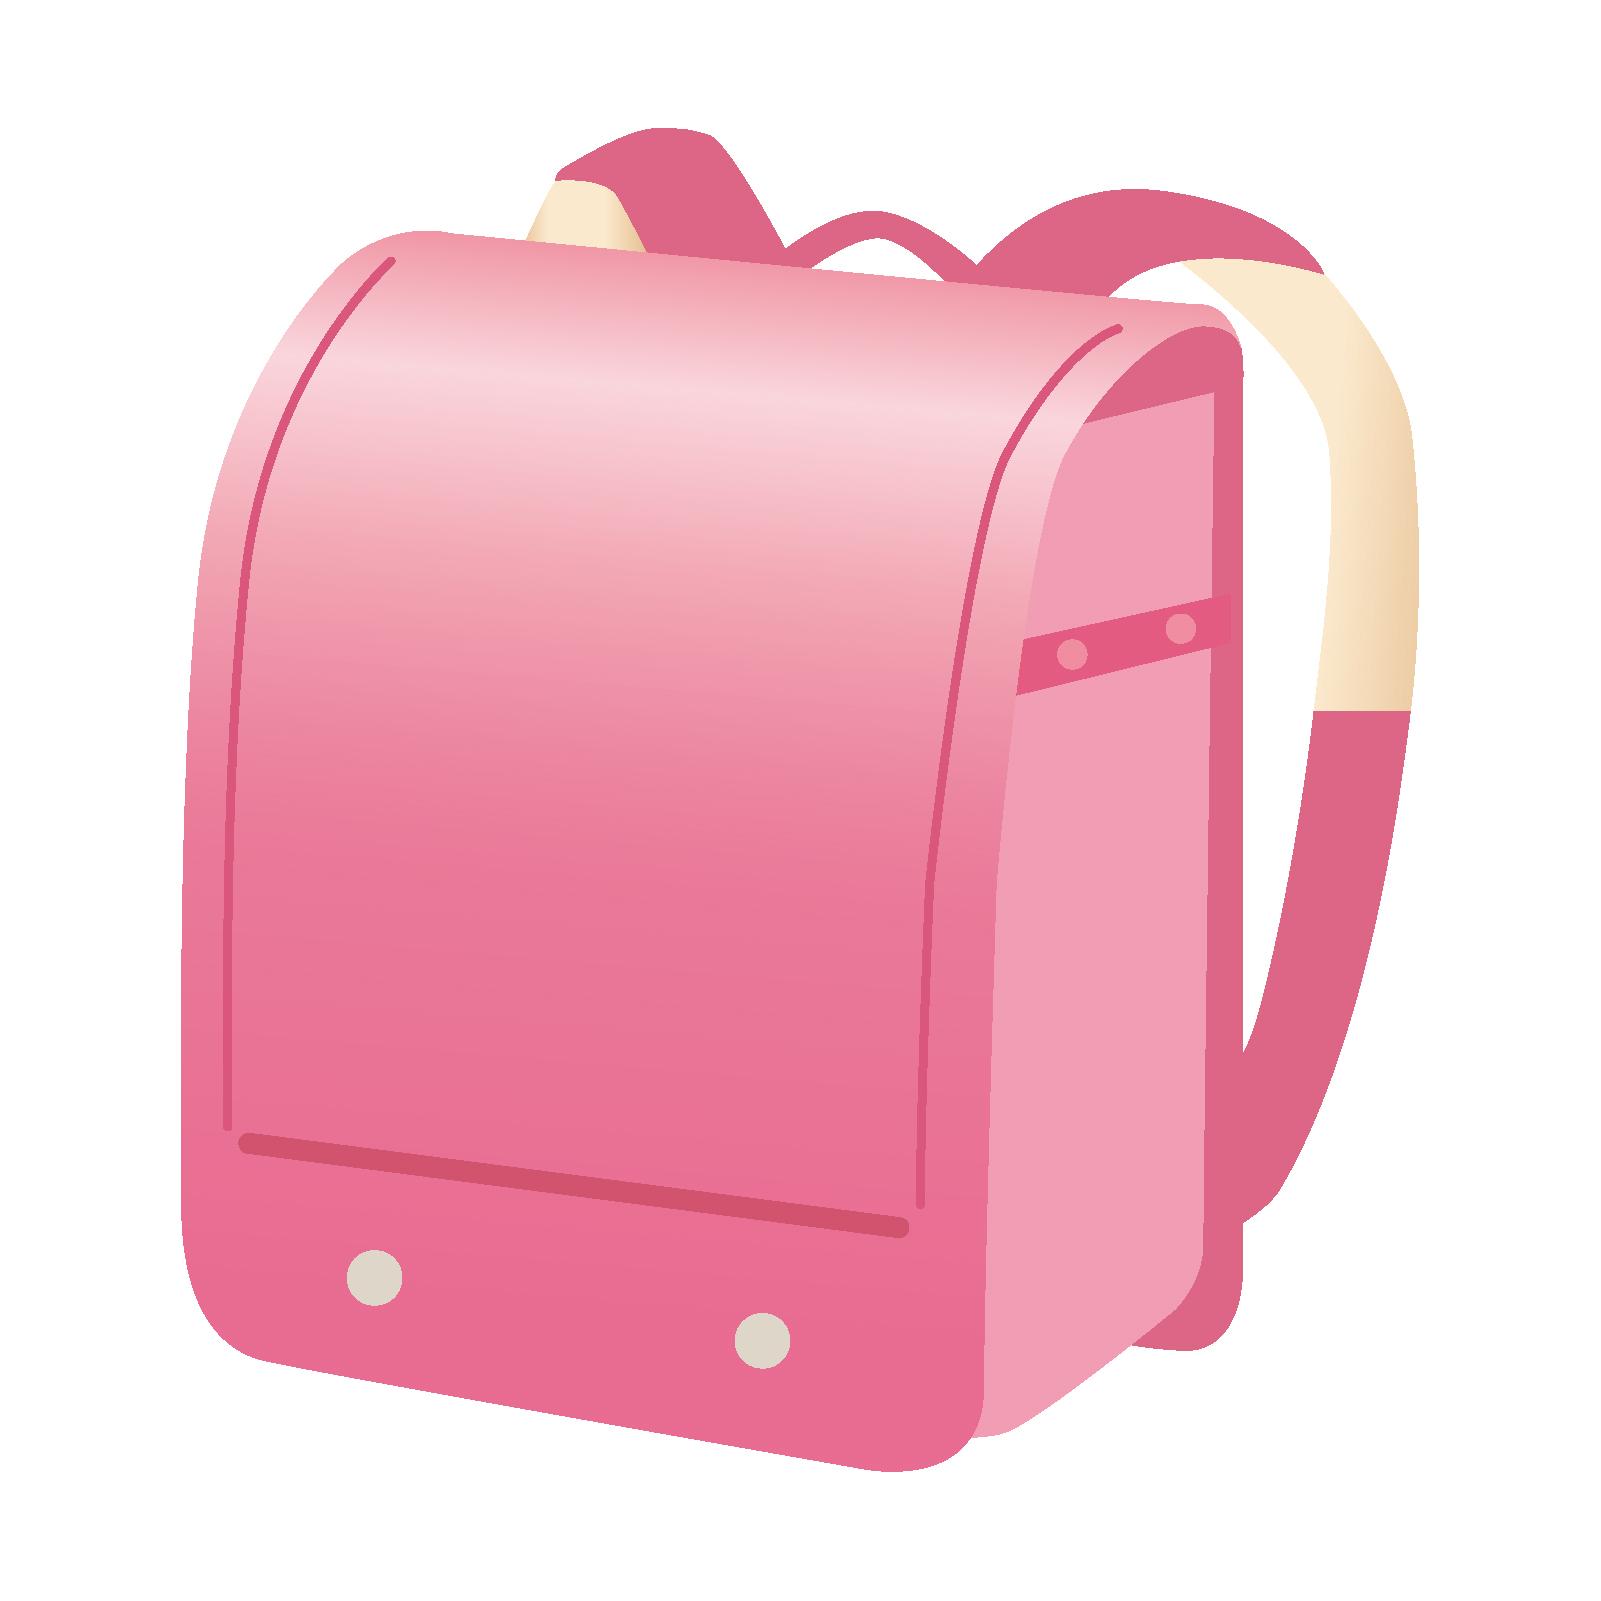 ピンク色のランドセルのイメージ画像